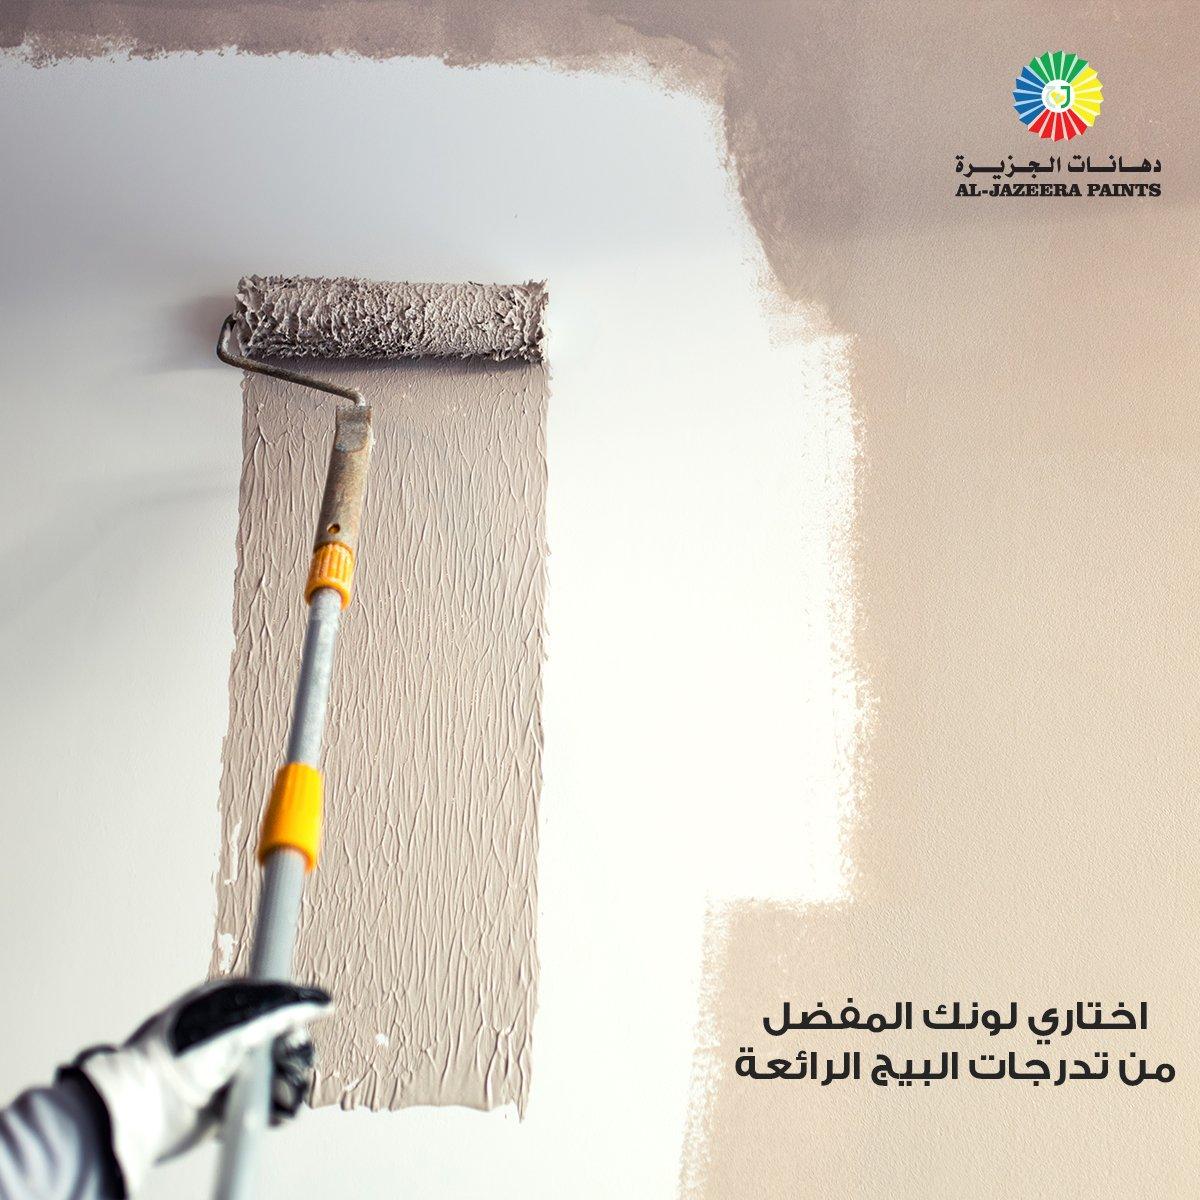 Twitter पर دهانات الجزيرة Jazeera Paints عزيزي درجة اللون Or 0666 من درجات البني المائل للرمادي